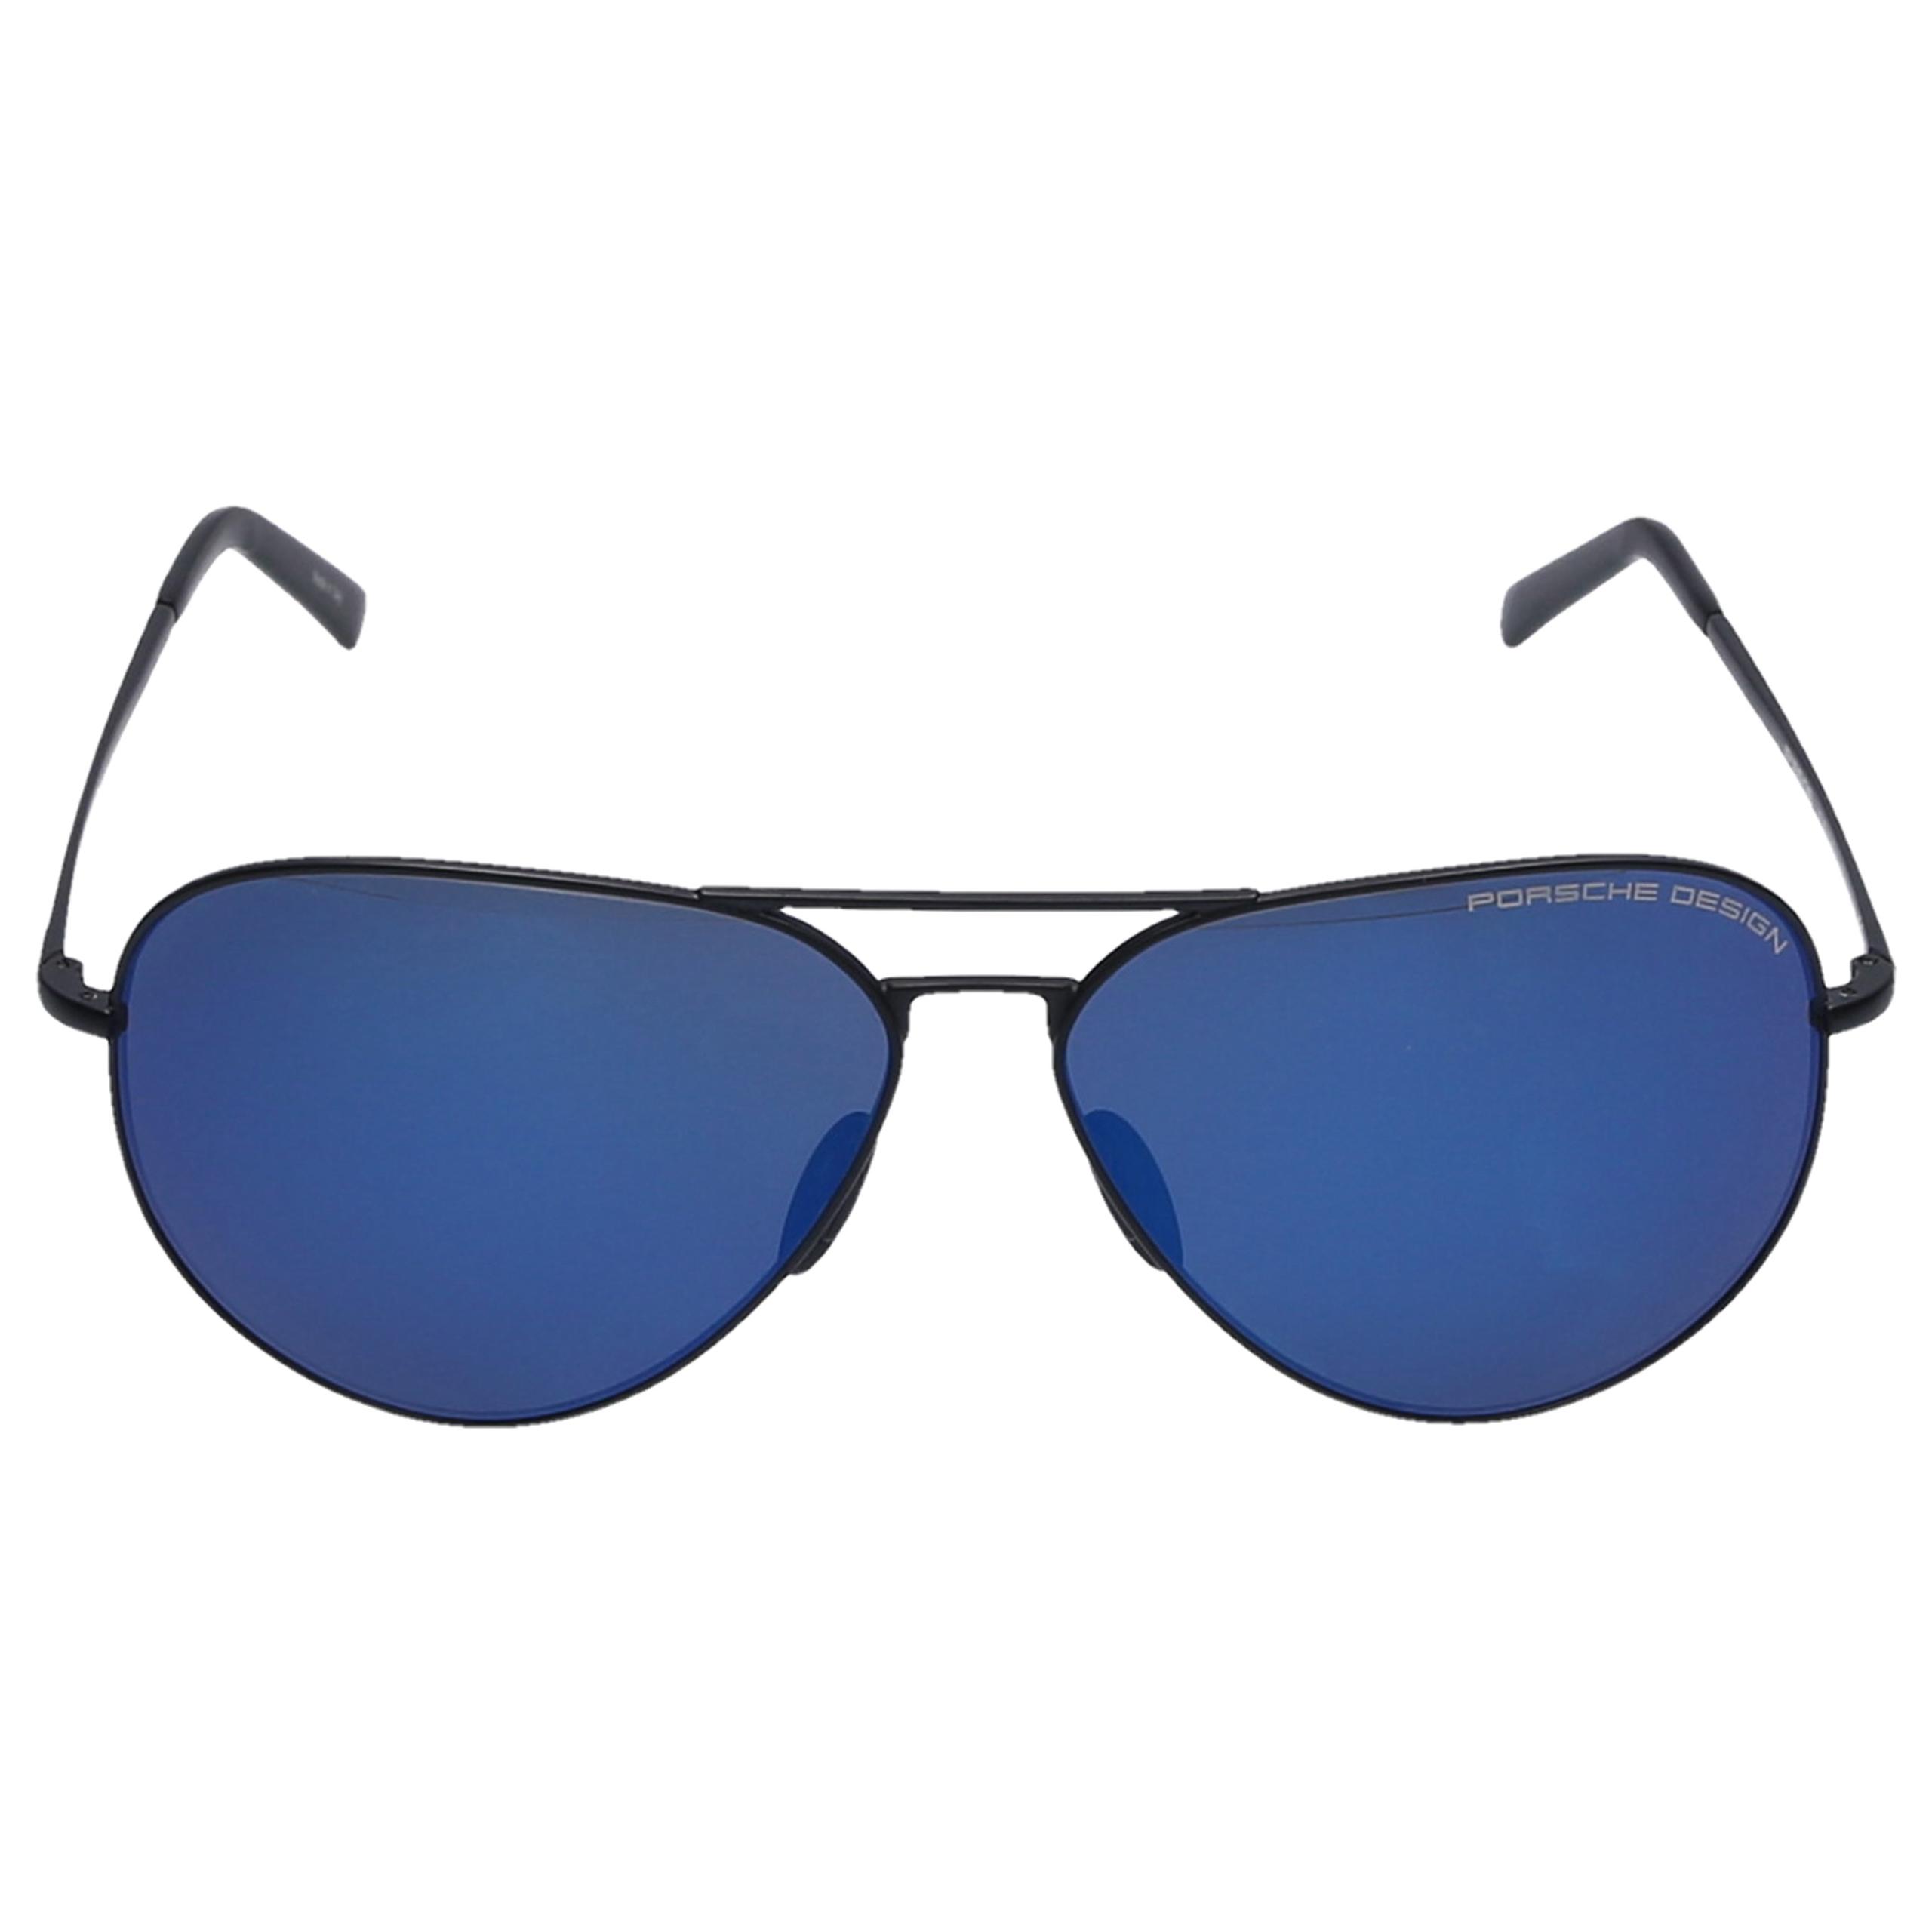 Sonnenbrille Aviator P8508 P 62/12 Metall schwarz